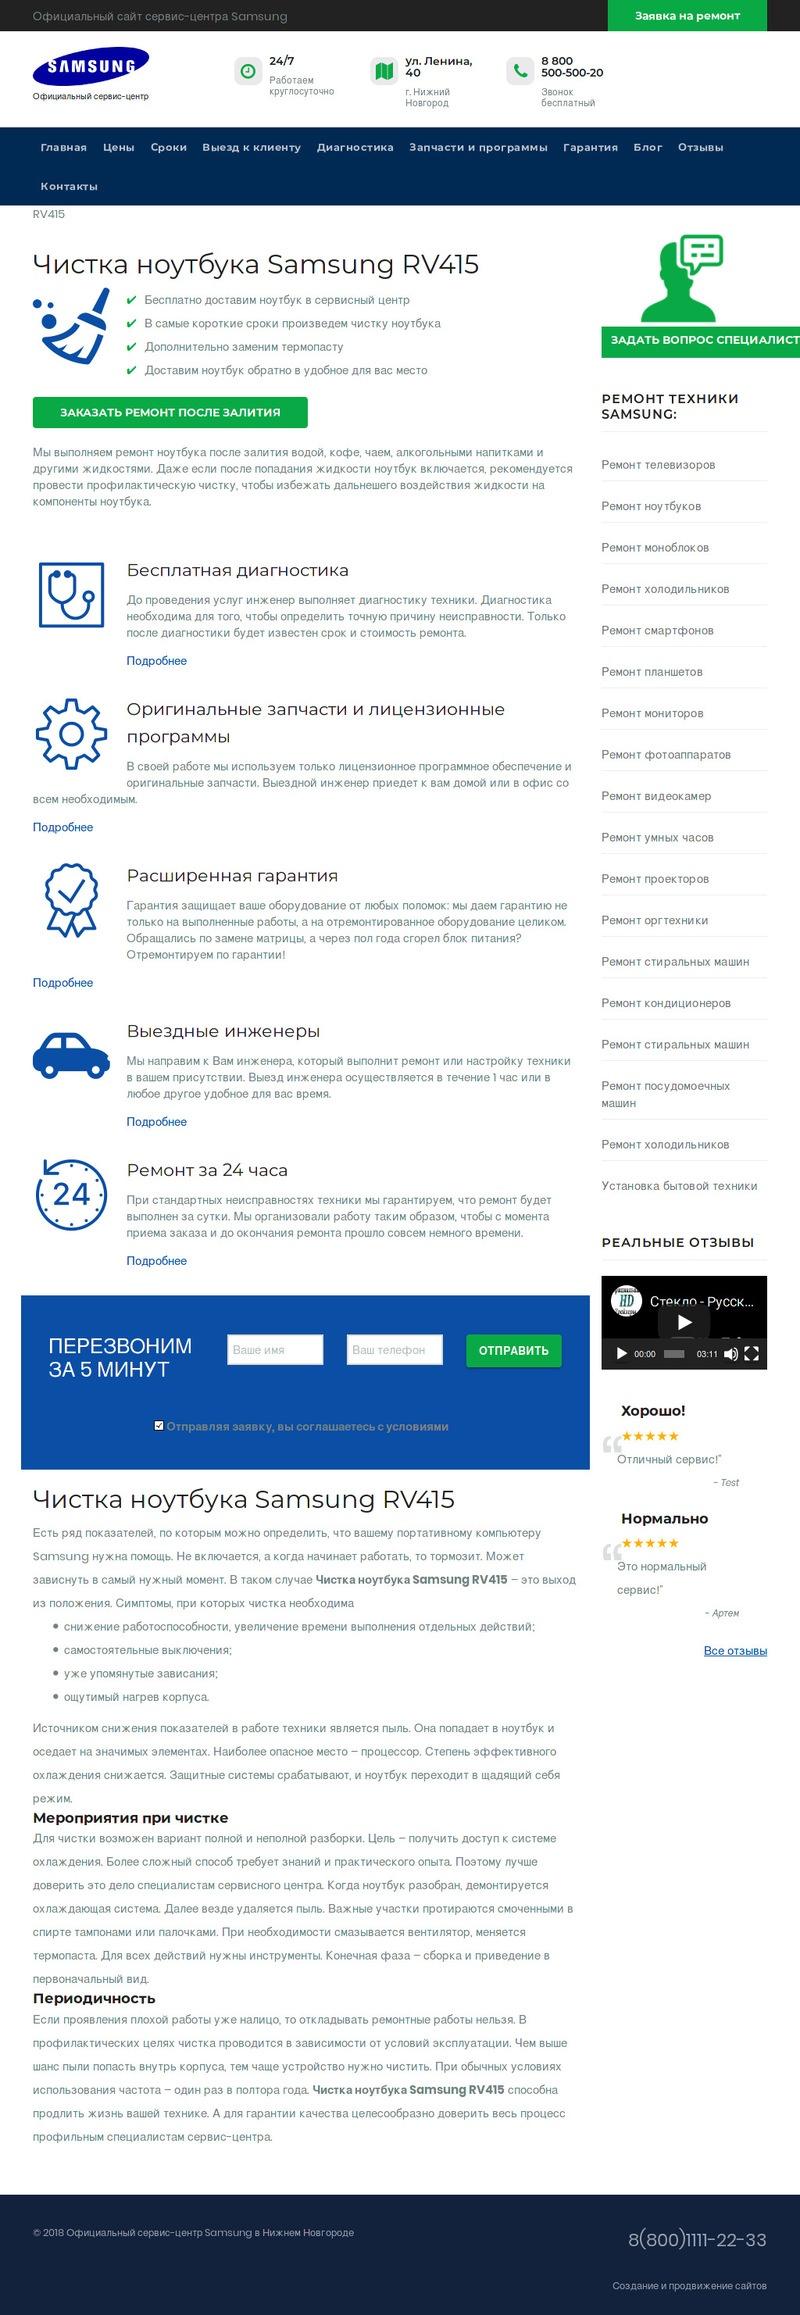 Информационная статья. Чистка ноутбука Samsung